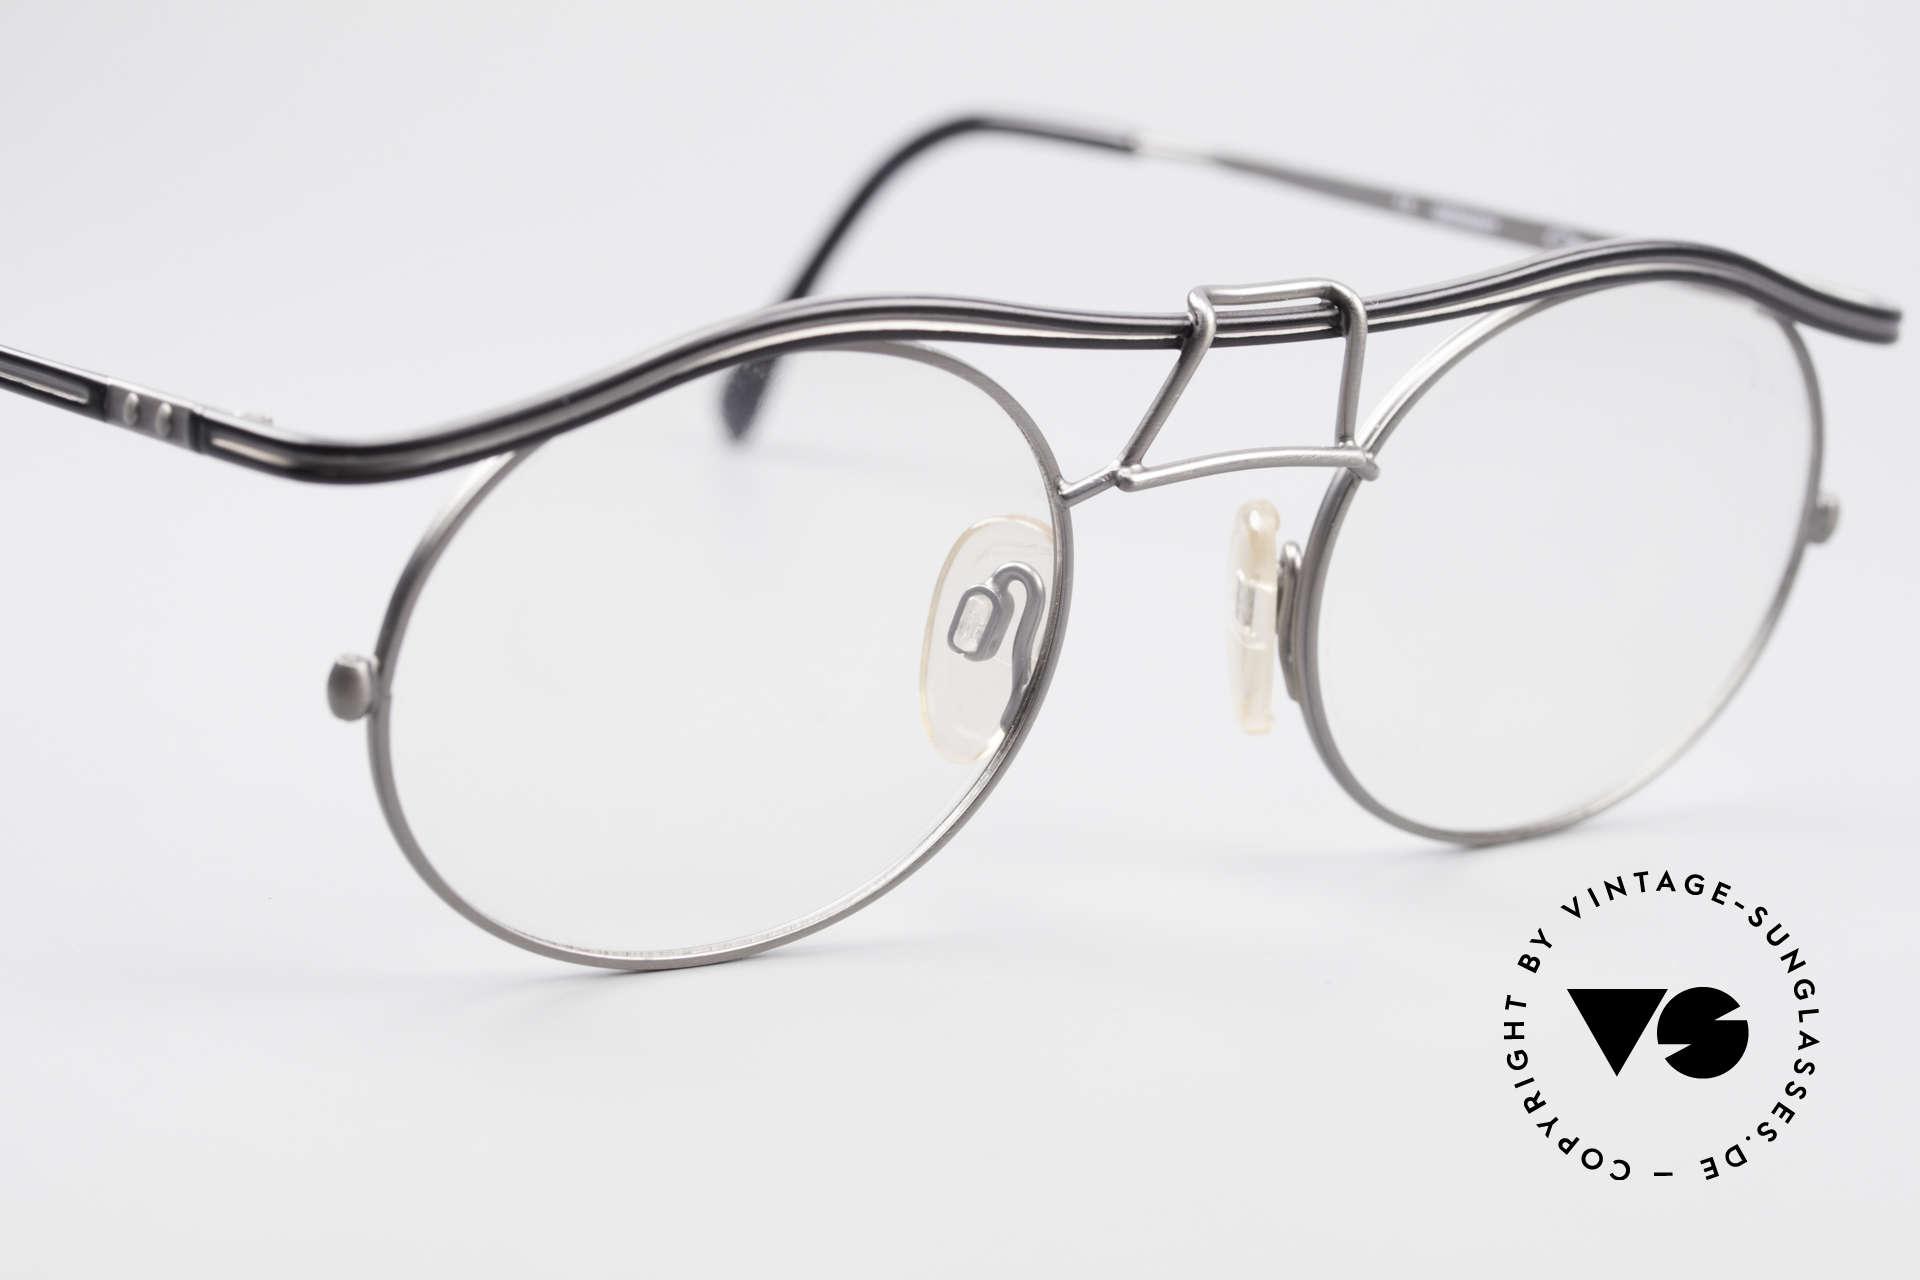 Cazal 1110 - Point 2 90er Industrial Vintage Brille, KEINE Retromode; sondern ein altes Original von 1999, Passend für Herren